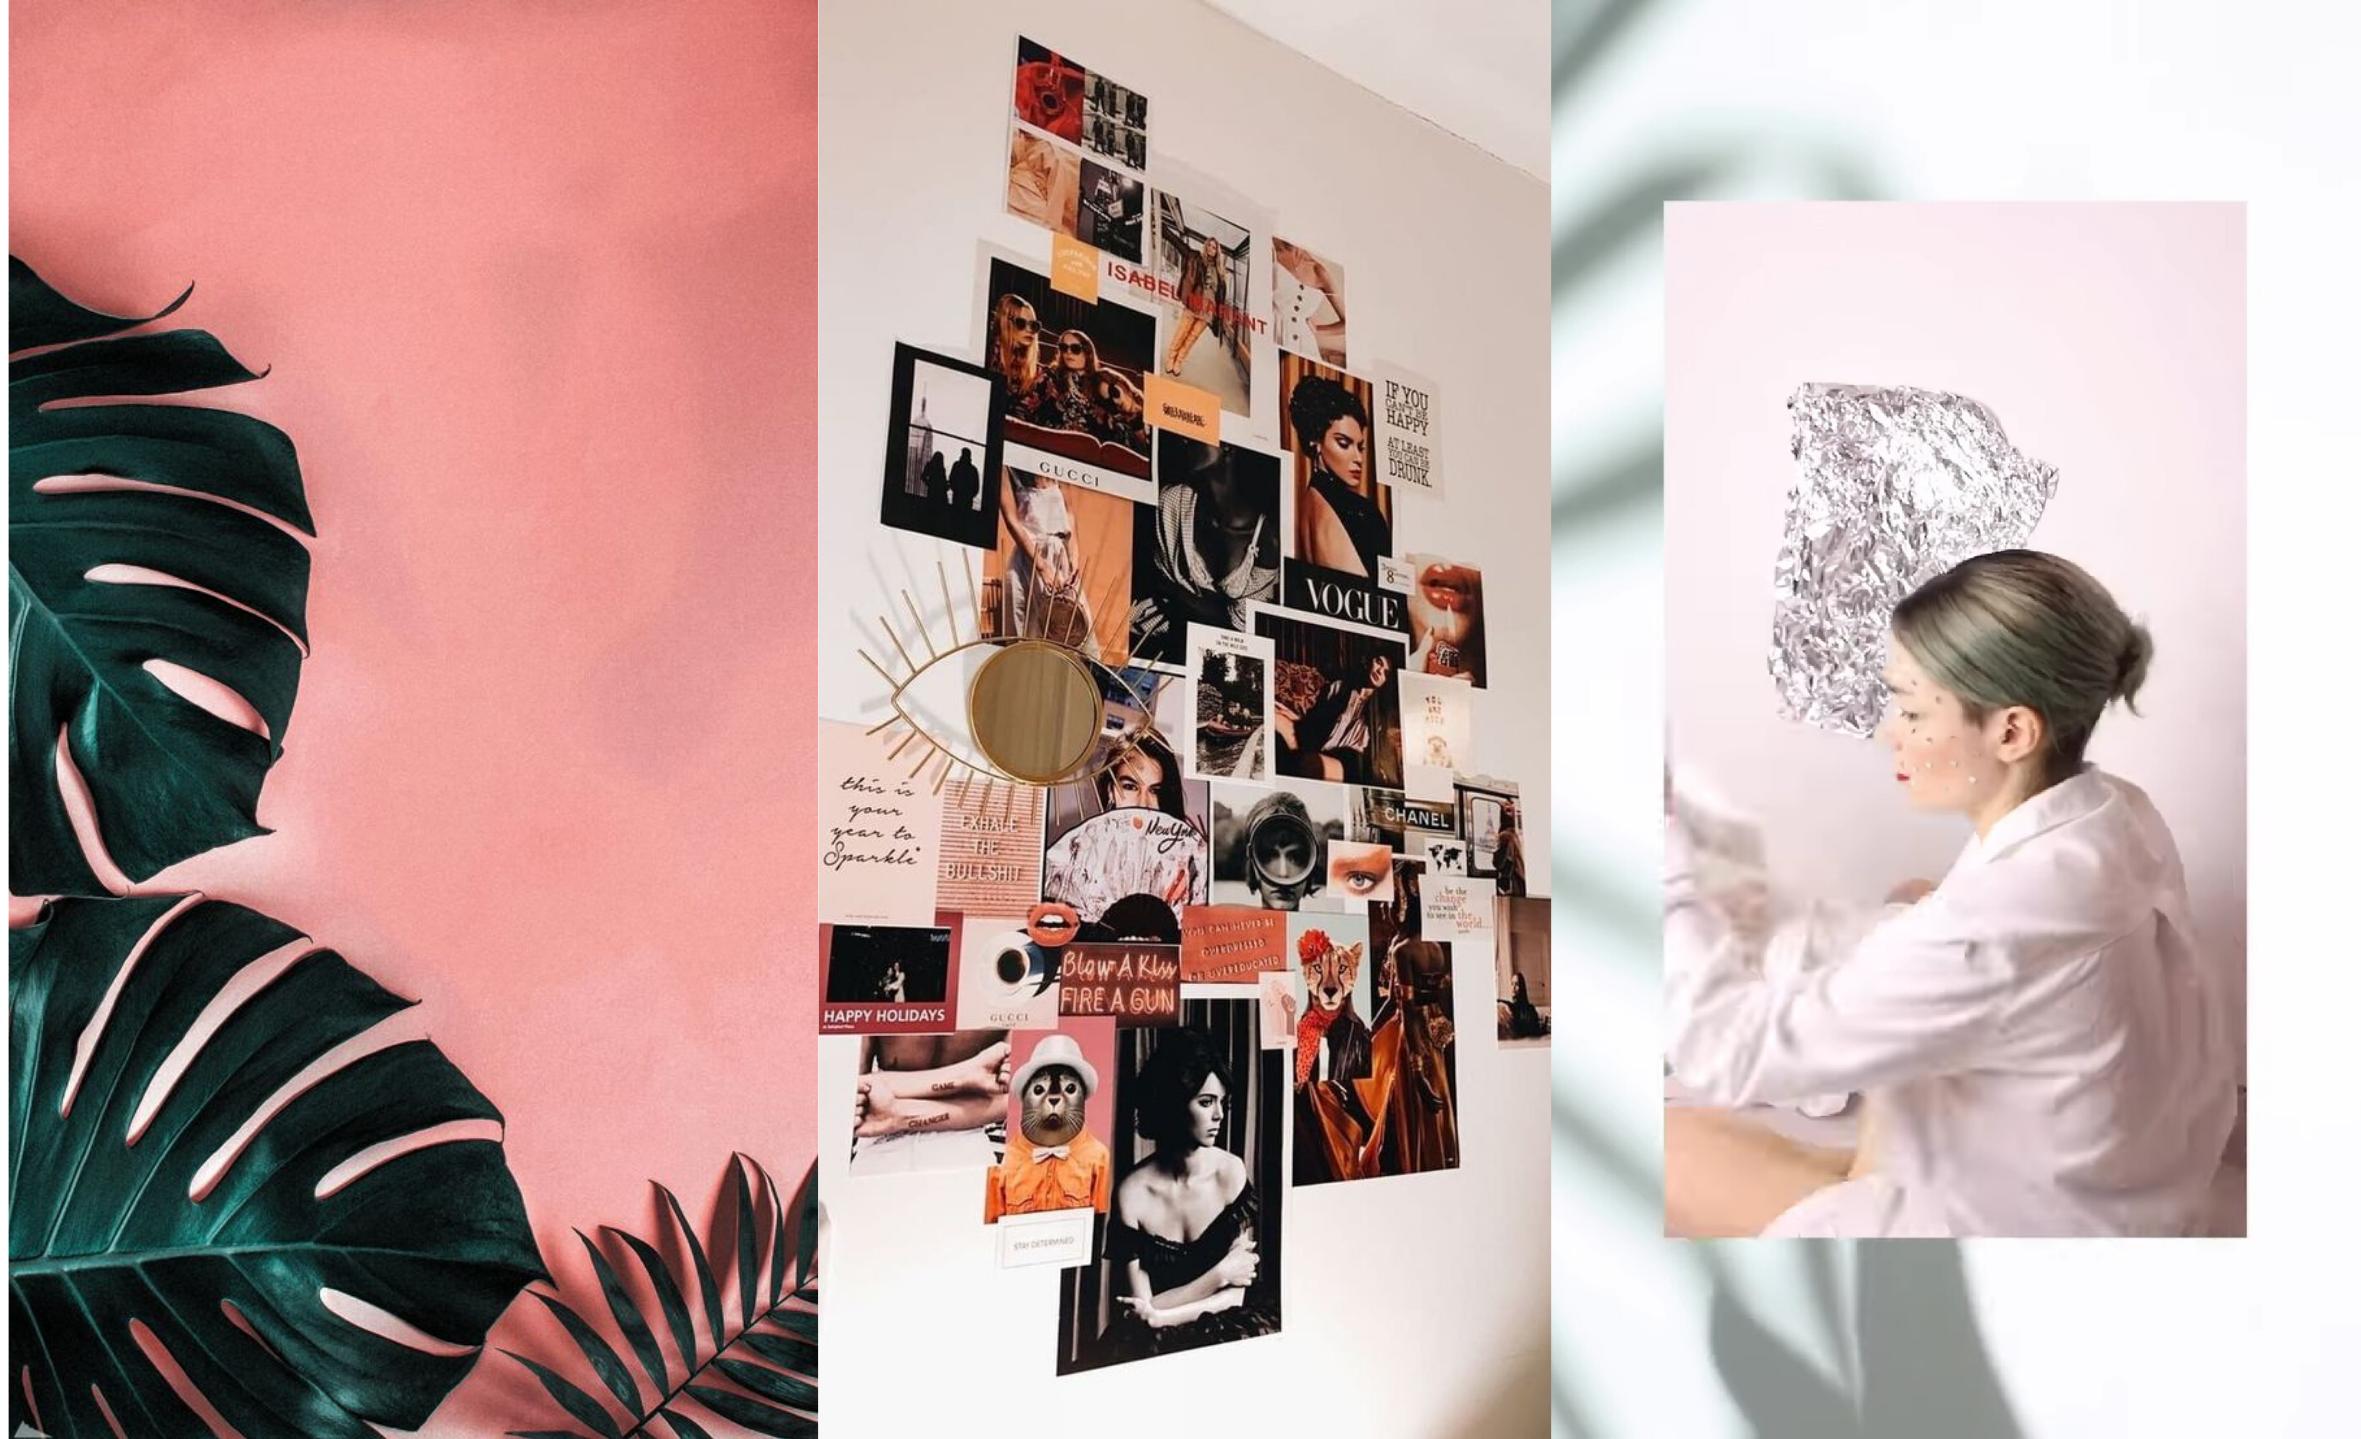 referências de fundo retiradas do pinterest e do perfil do Instagram da marca Uso Assim